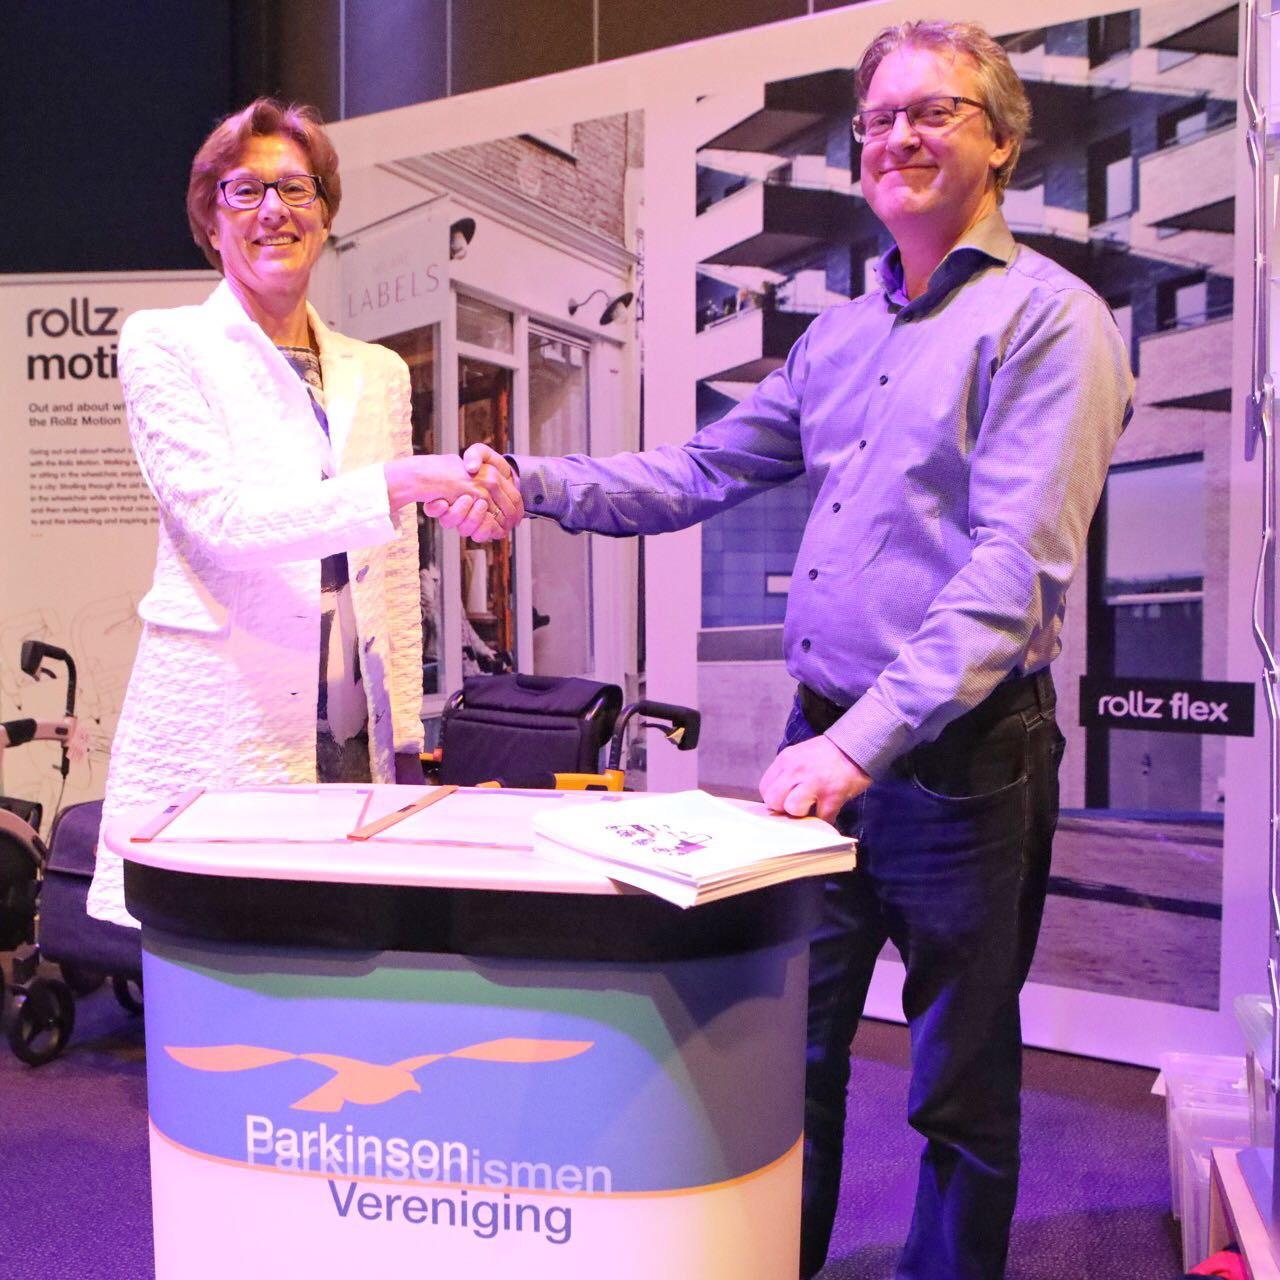 Rollz steunt de Parkinson Vereniging, samenwerkingsovereenkomst tussen Rollz en Parkinson Vereniging getekend op 8 april 2017 (2)